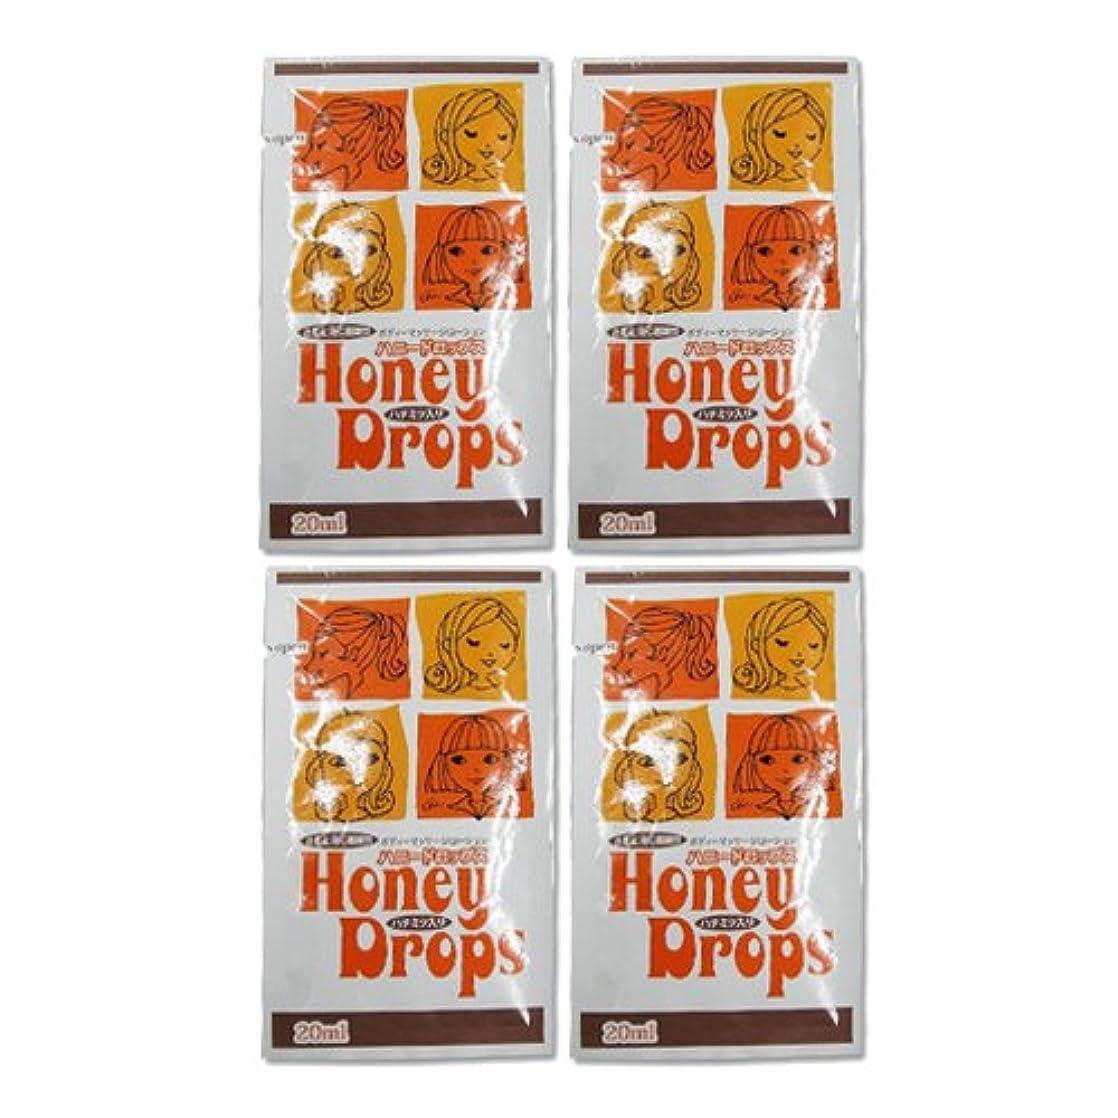 背の高い魅惑する樹皮ハニードロップス(Honey Drops) 20ml 使い切りローション D柄 × 4個